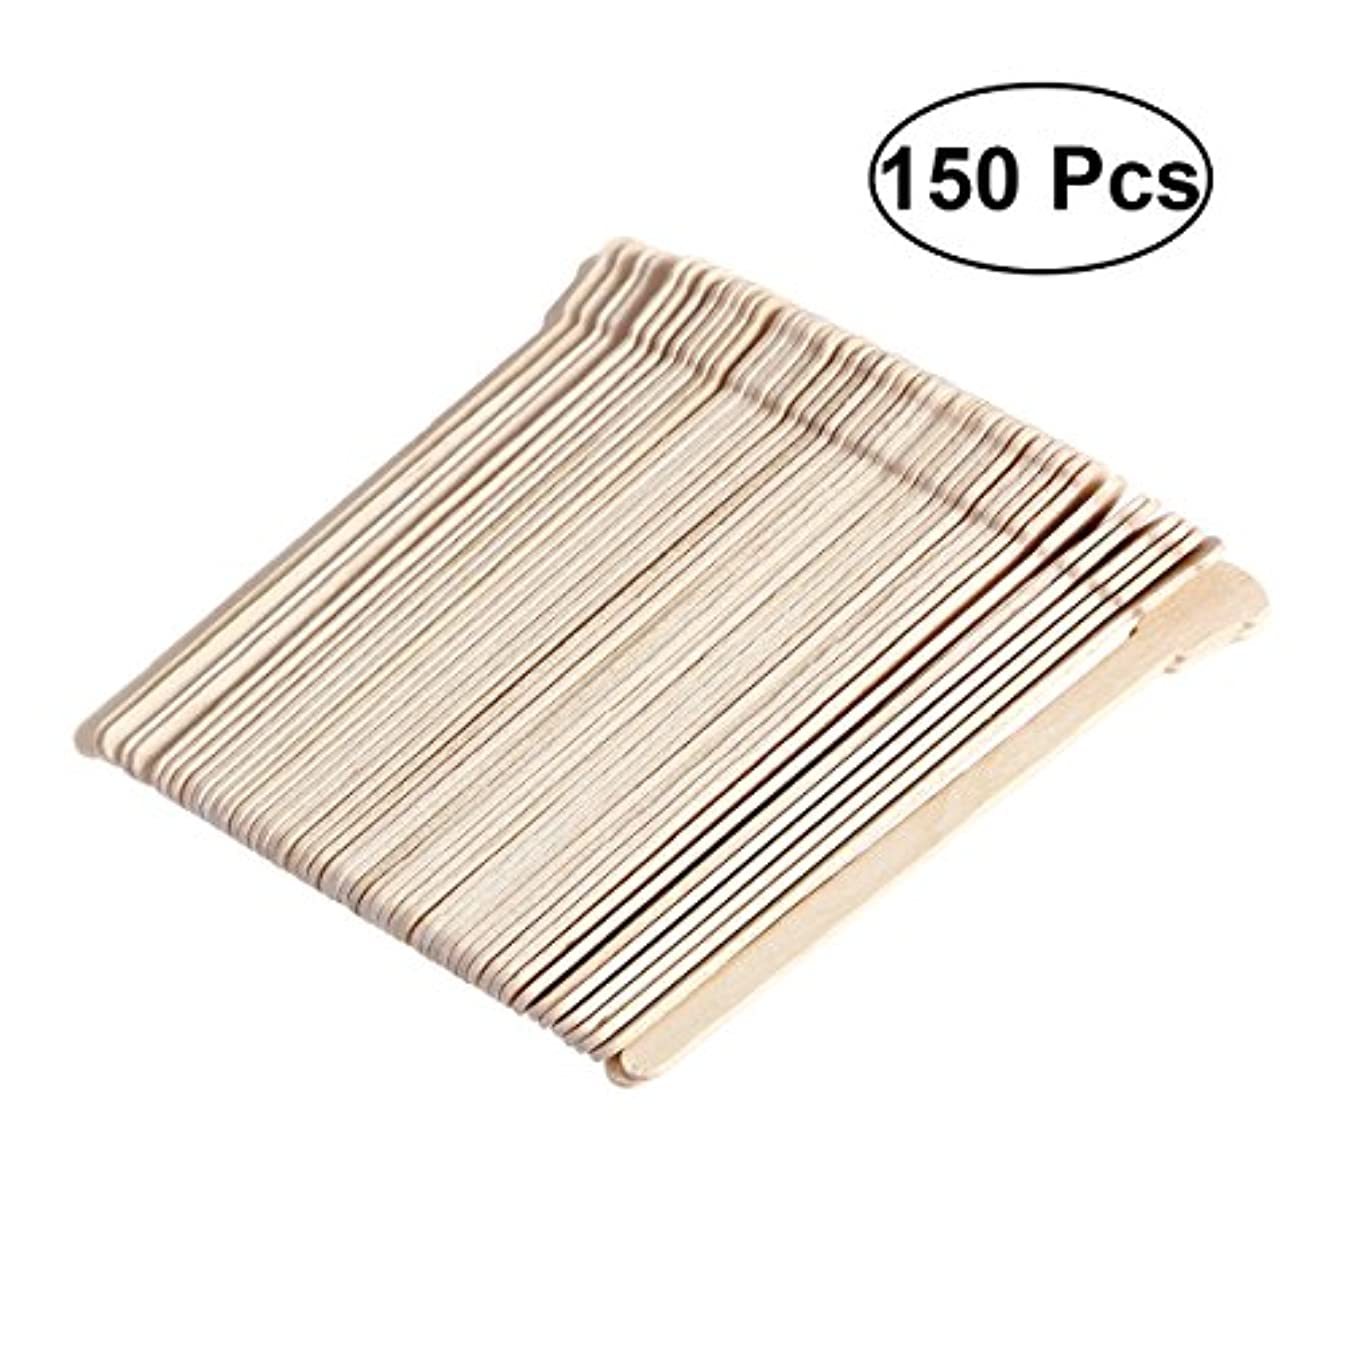 優越パン最近SUPVOX 150ピース木製ワックススティックフェイス眉毛ワックスへら脱毛(オリジナル木製色)